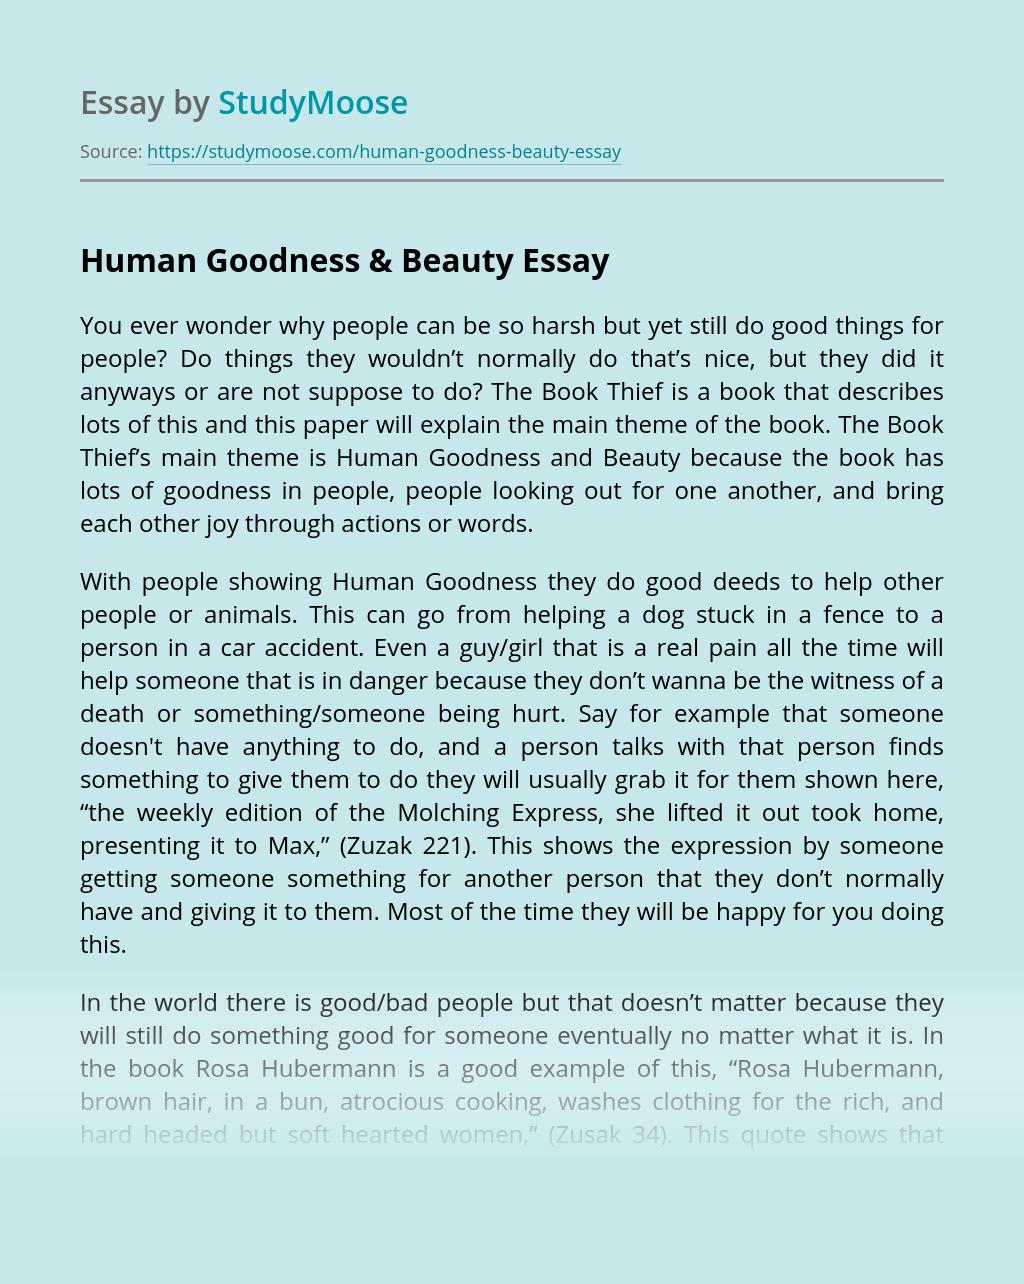 Human Goodness & Beauty